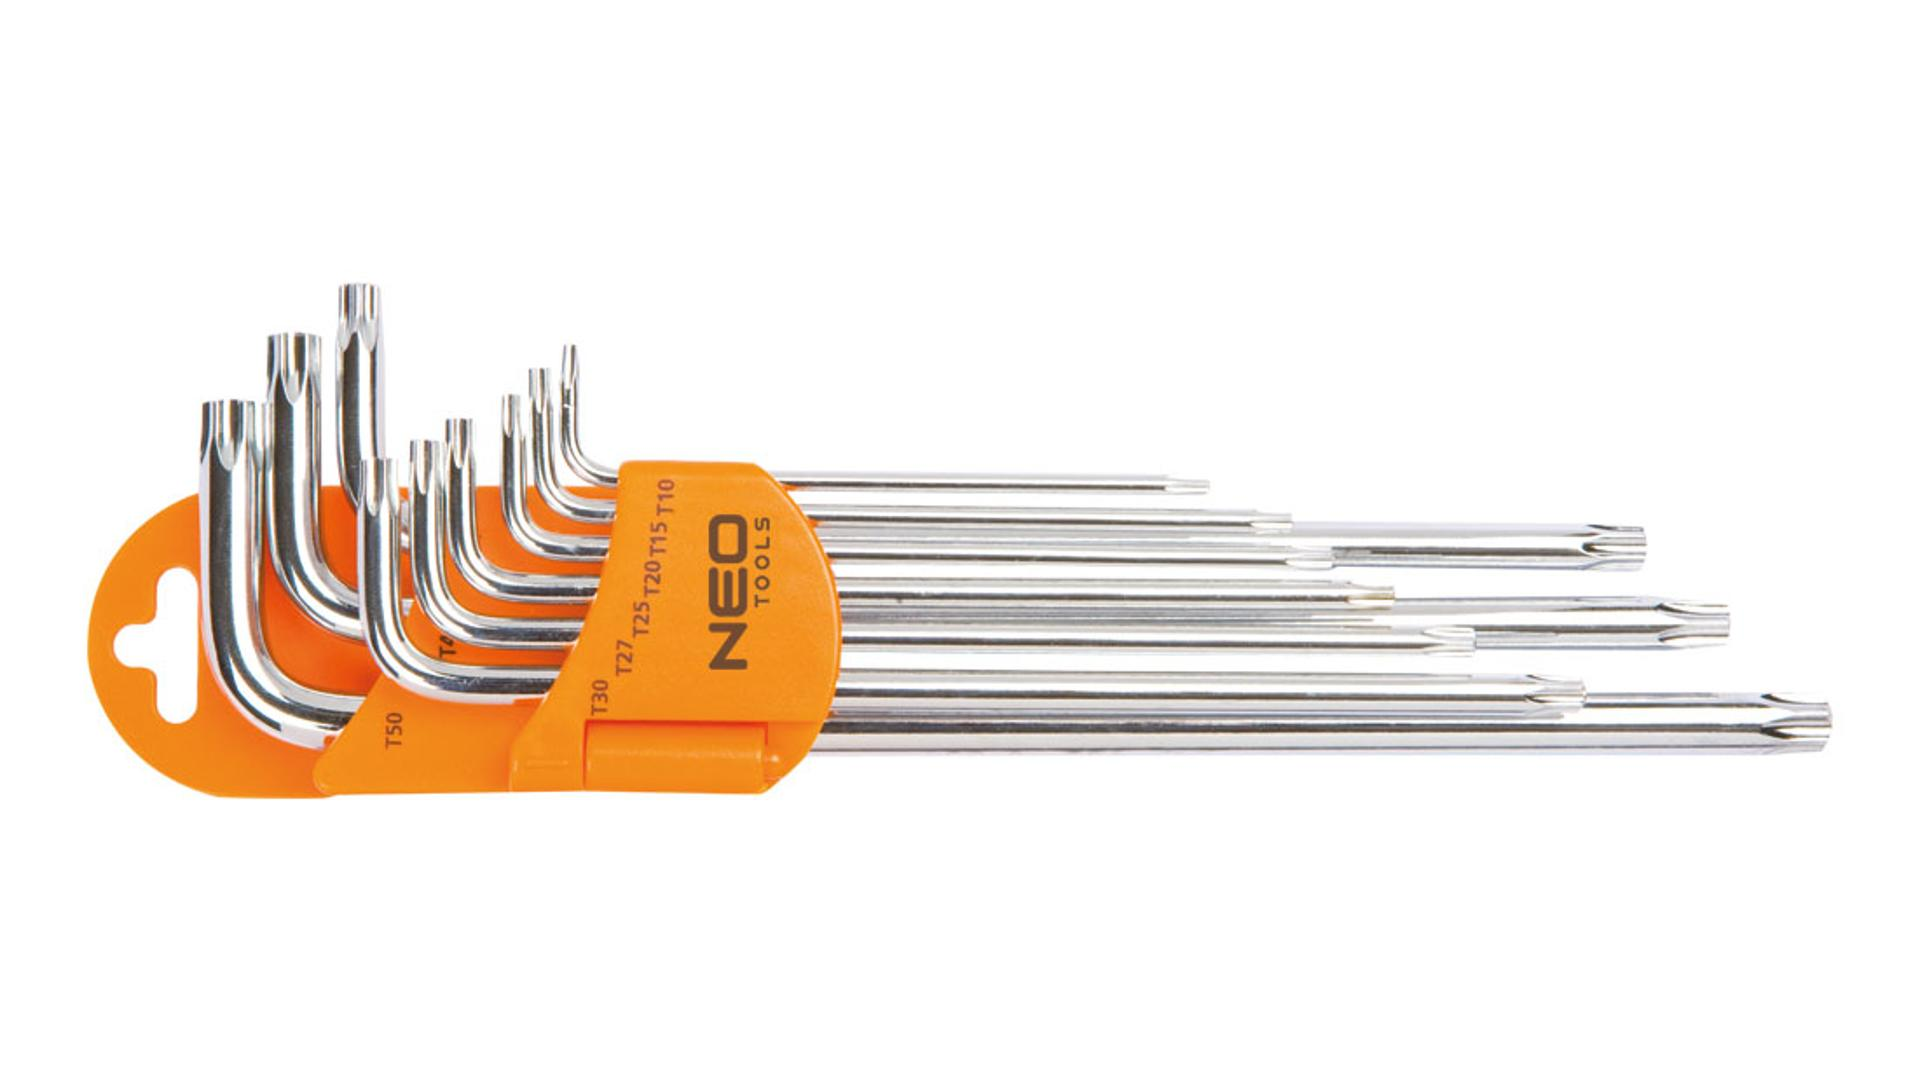 NEO Kľúče Torx s magnetom, súprava 9 ks